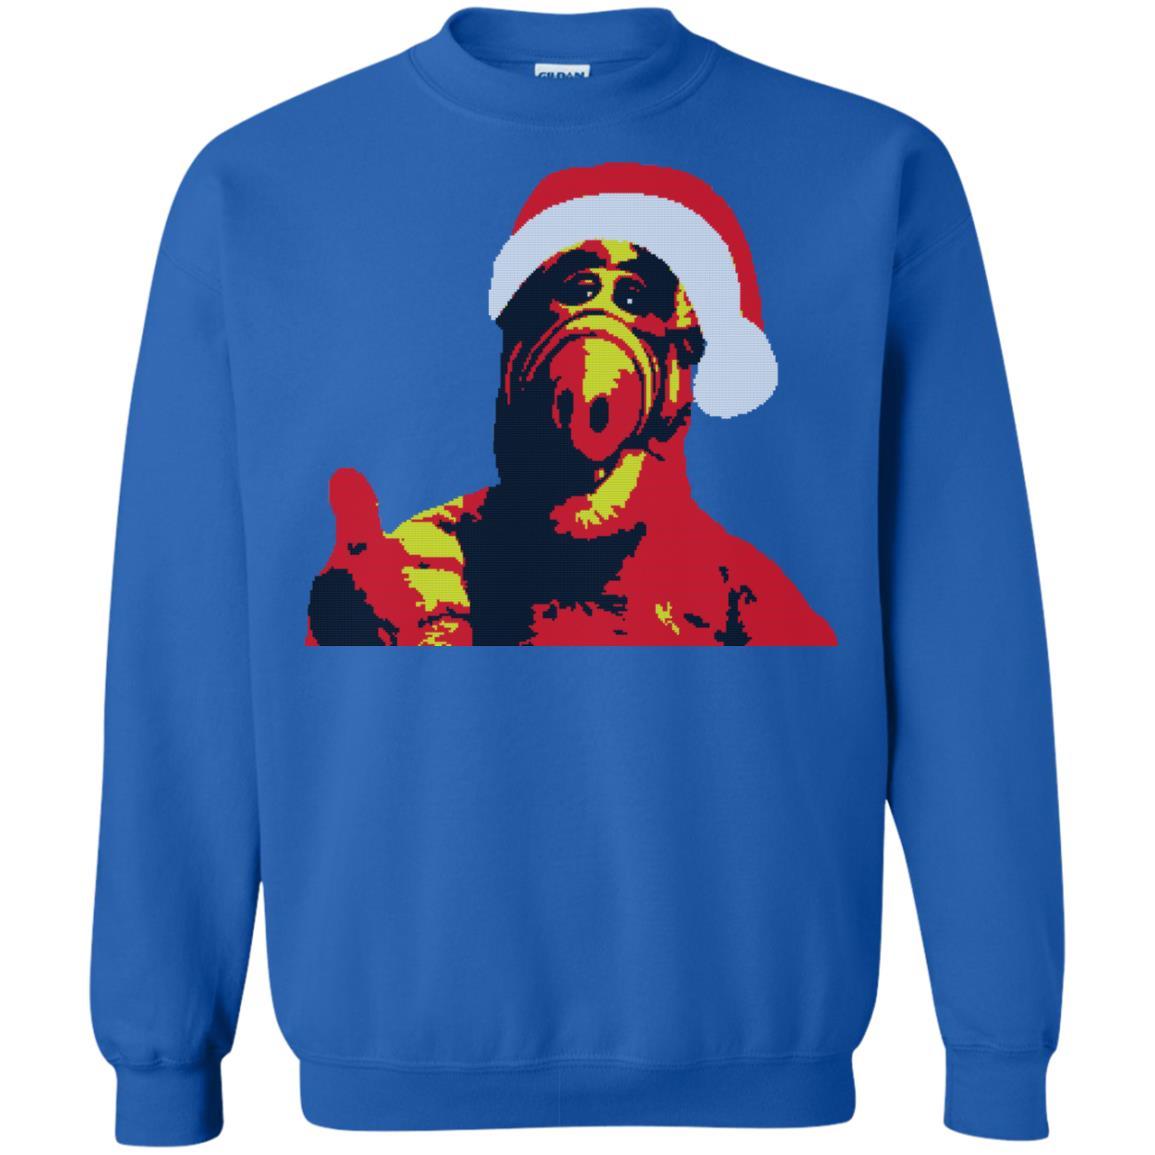 image 1033 - ALF Christmas Sweater, Hoodie, Long Sleeve